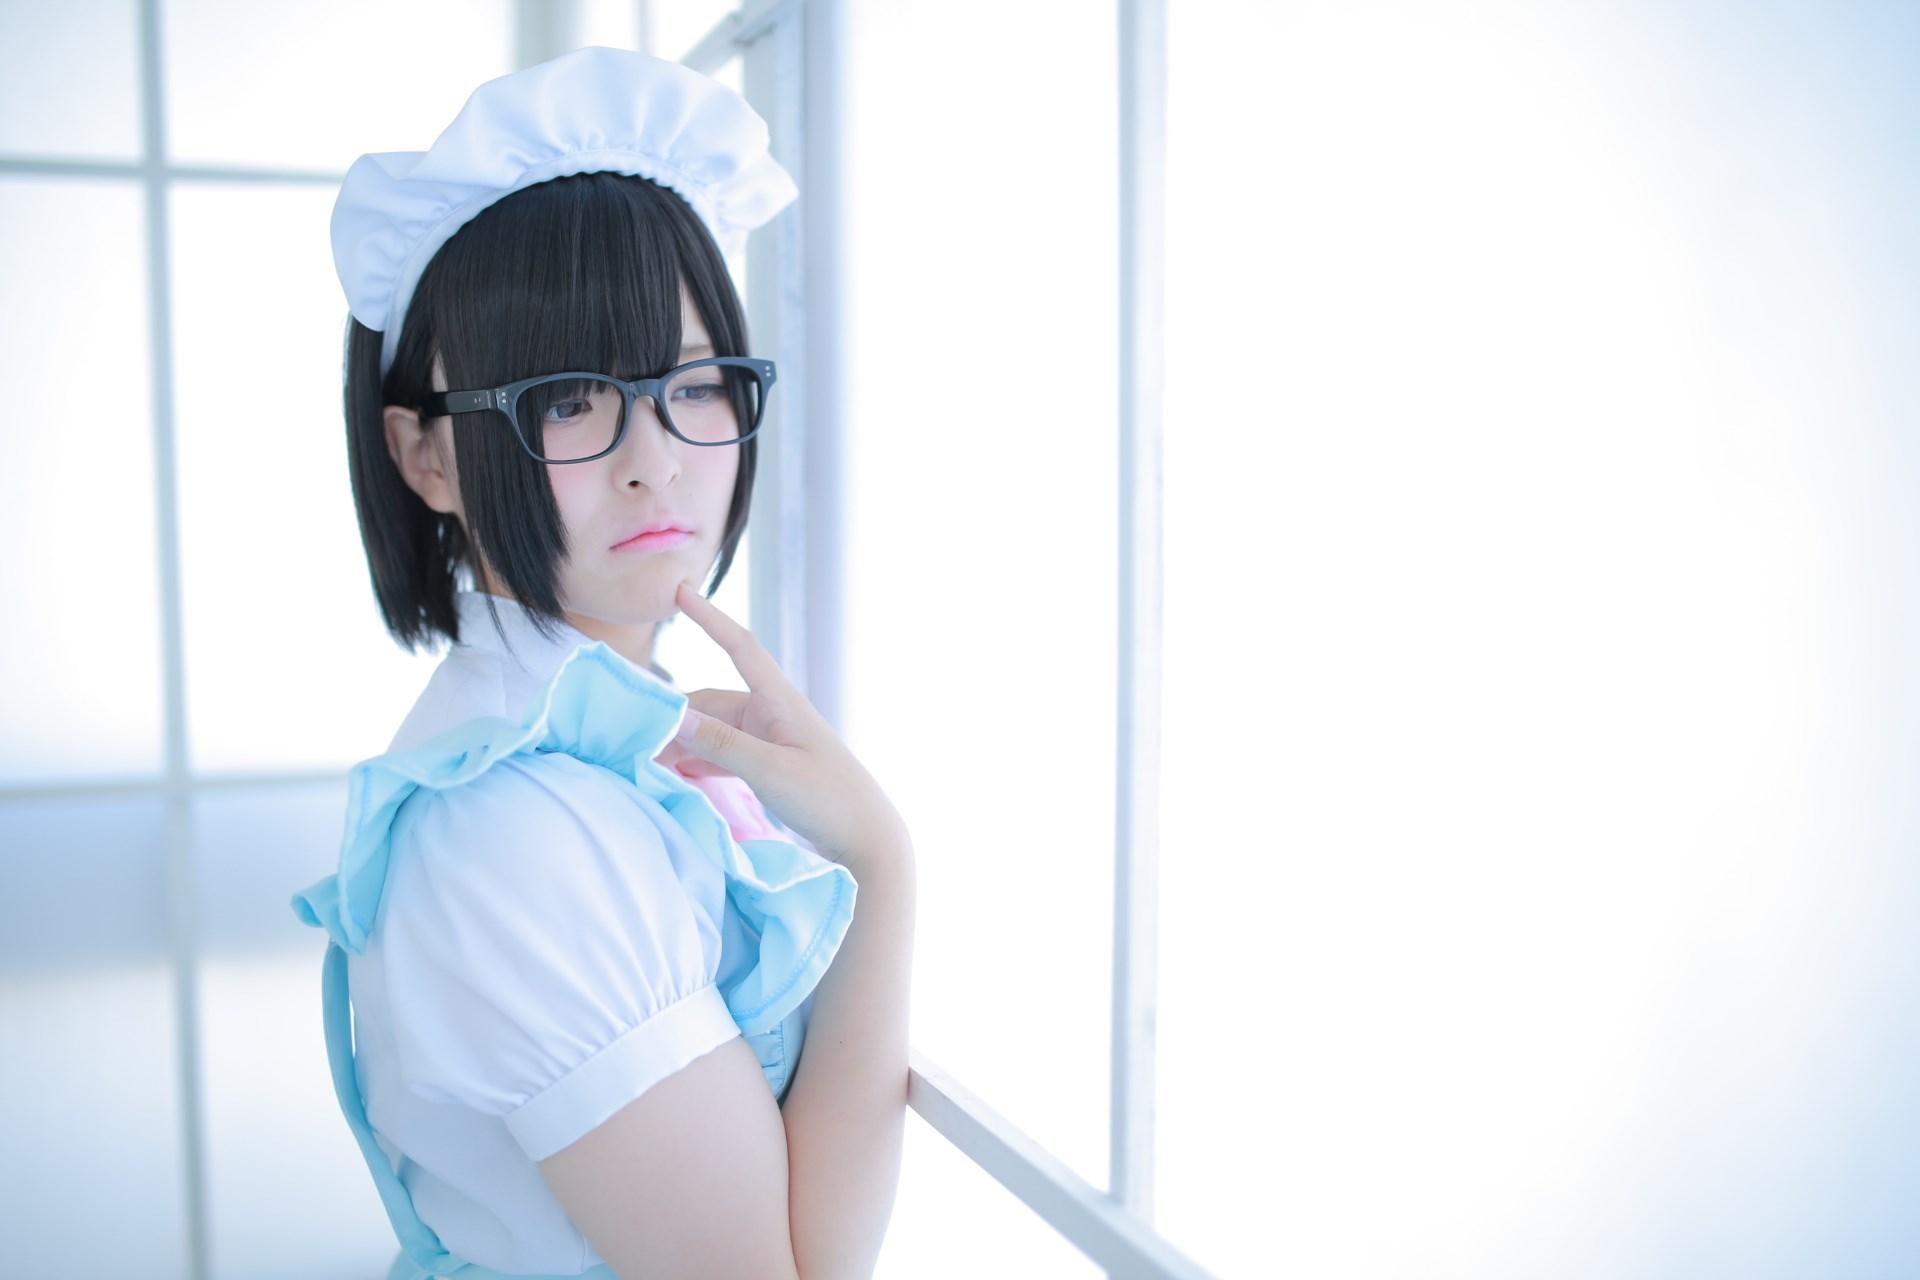 【兔玩映画】眼镜女仆 兔玩映画 第59张